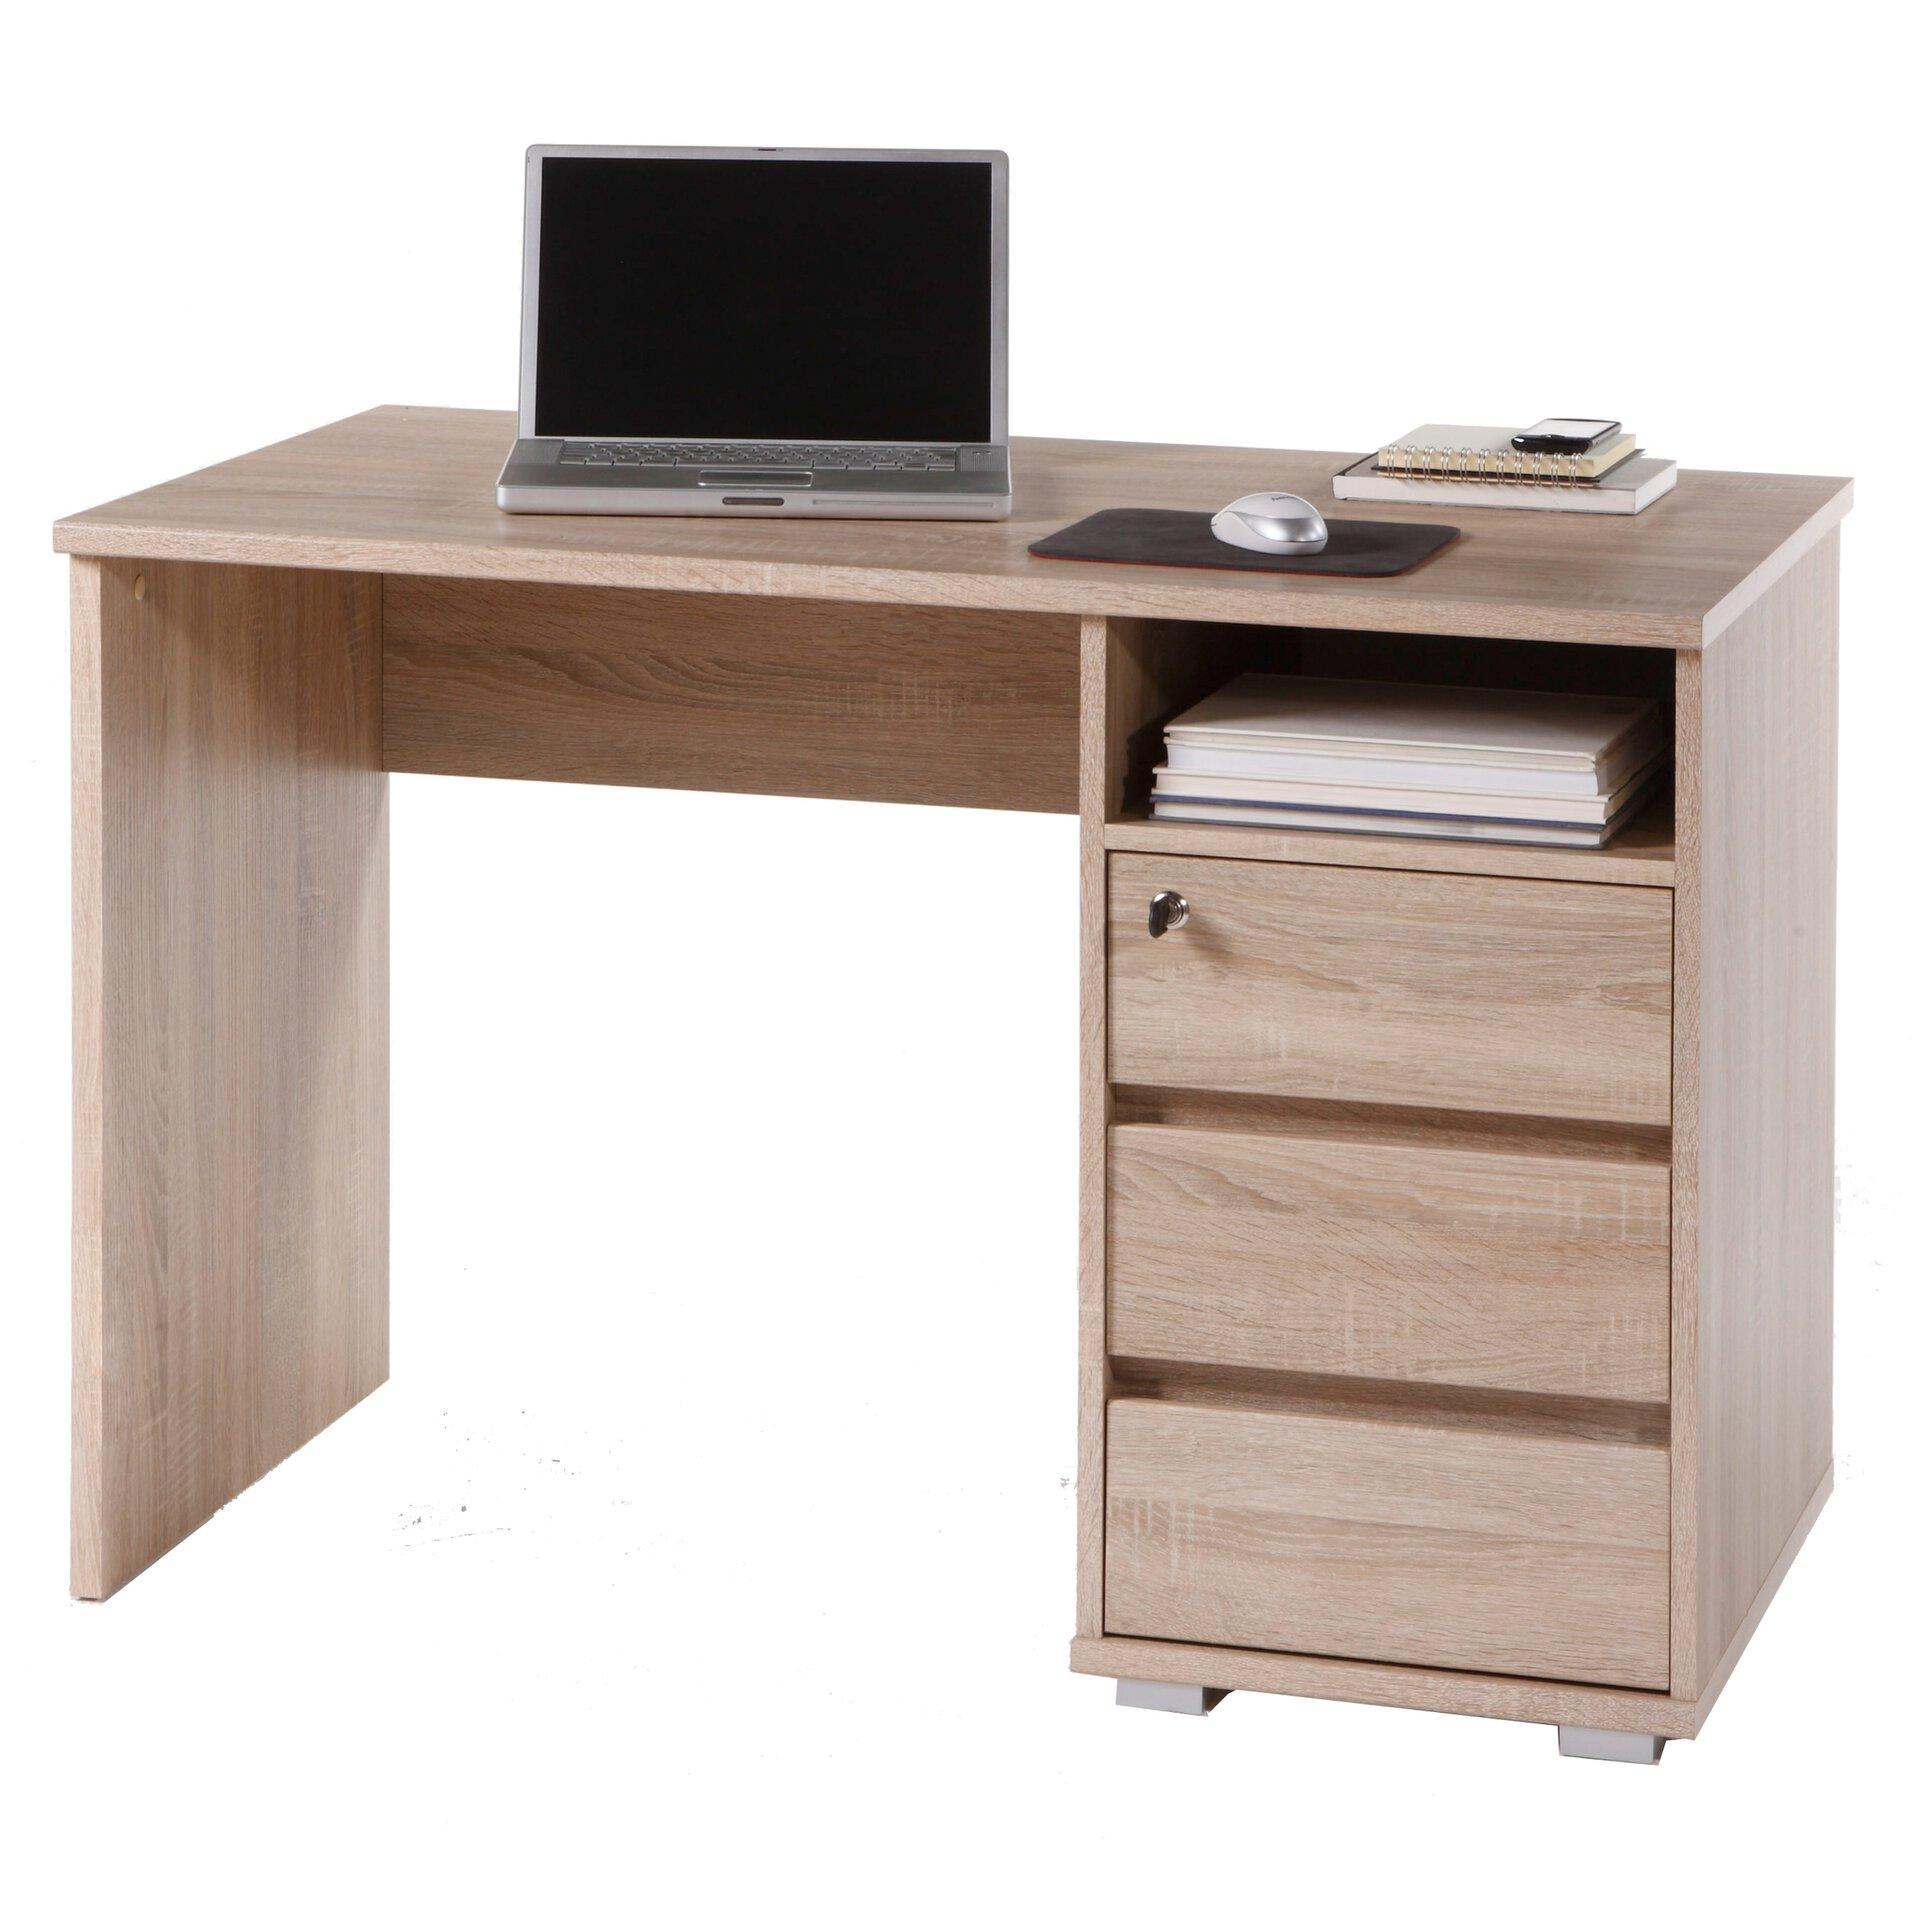 Schreibtisch PRIMUS 1 CELECT Holzwerkstoff 65 x 75 x 110 cm